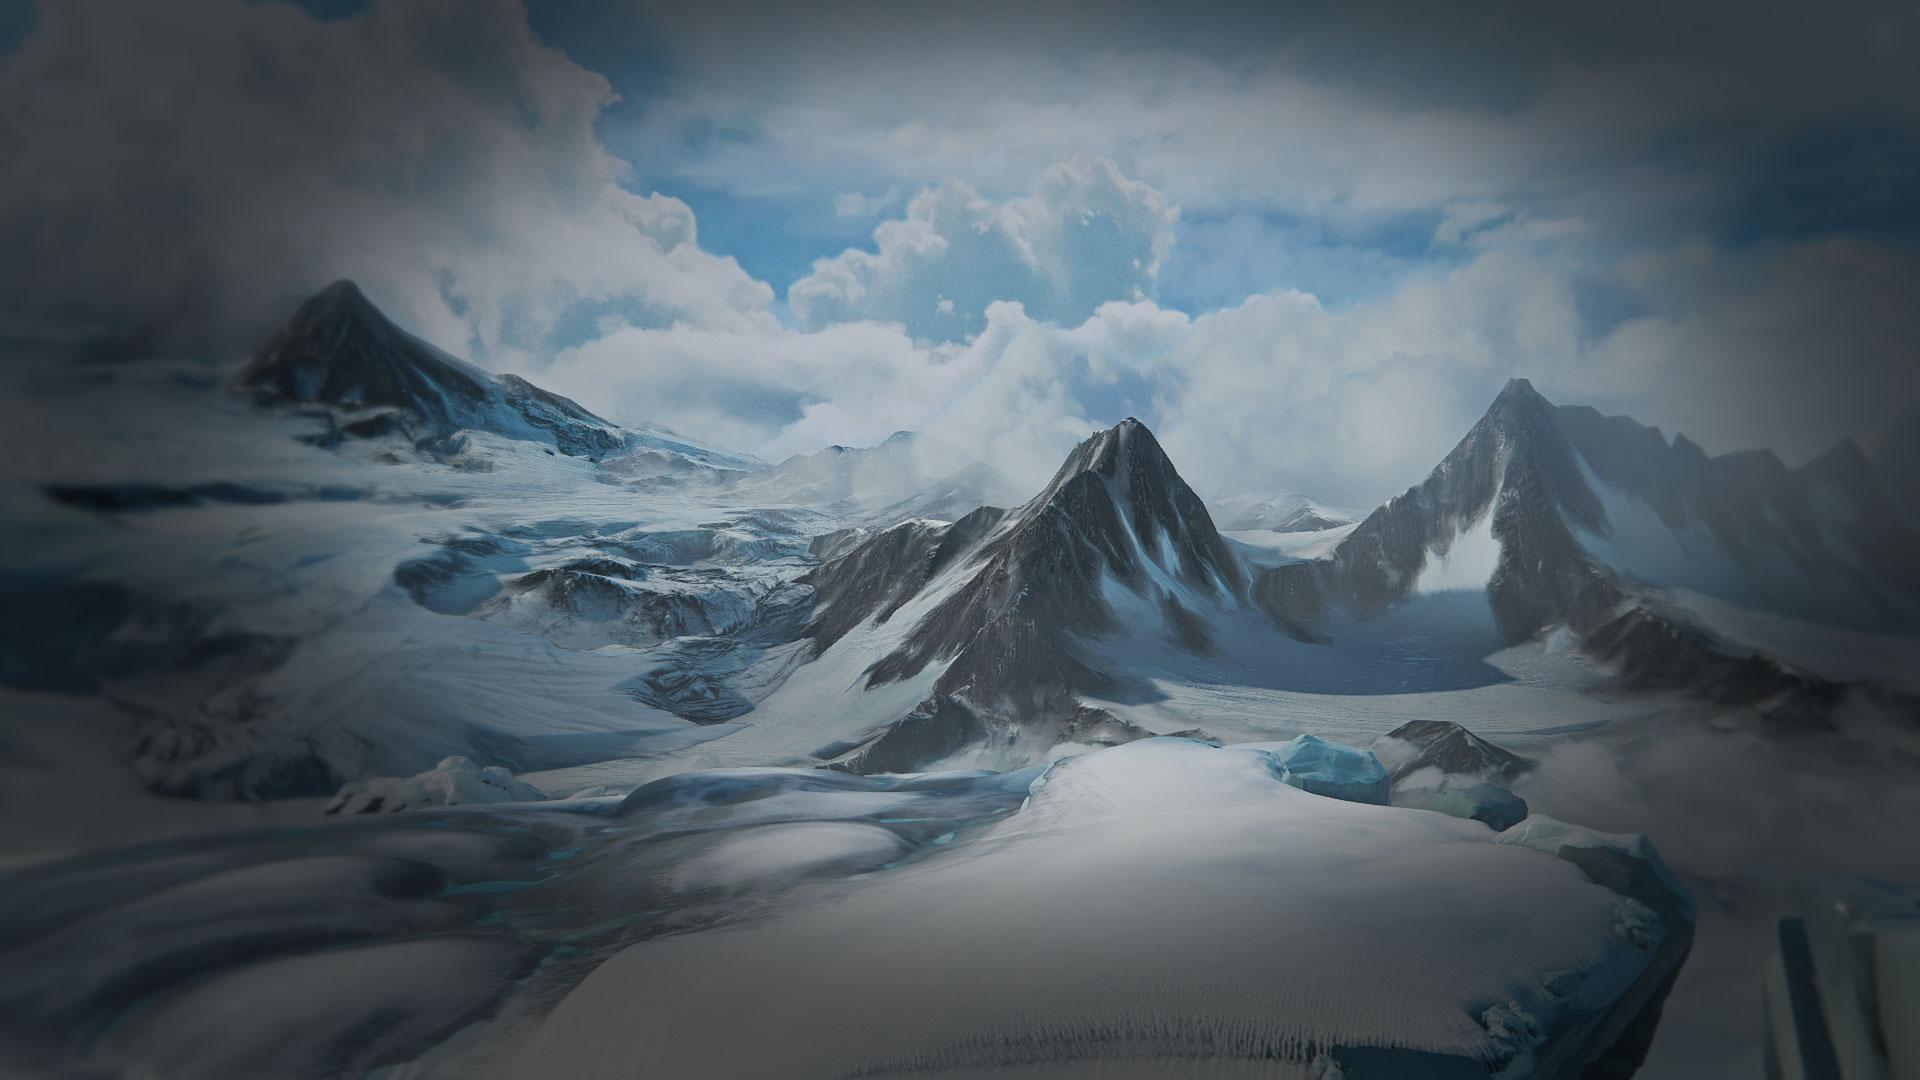 glacier-da49293bfc9a4e978b1400e35be2d71b